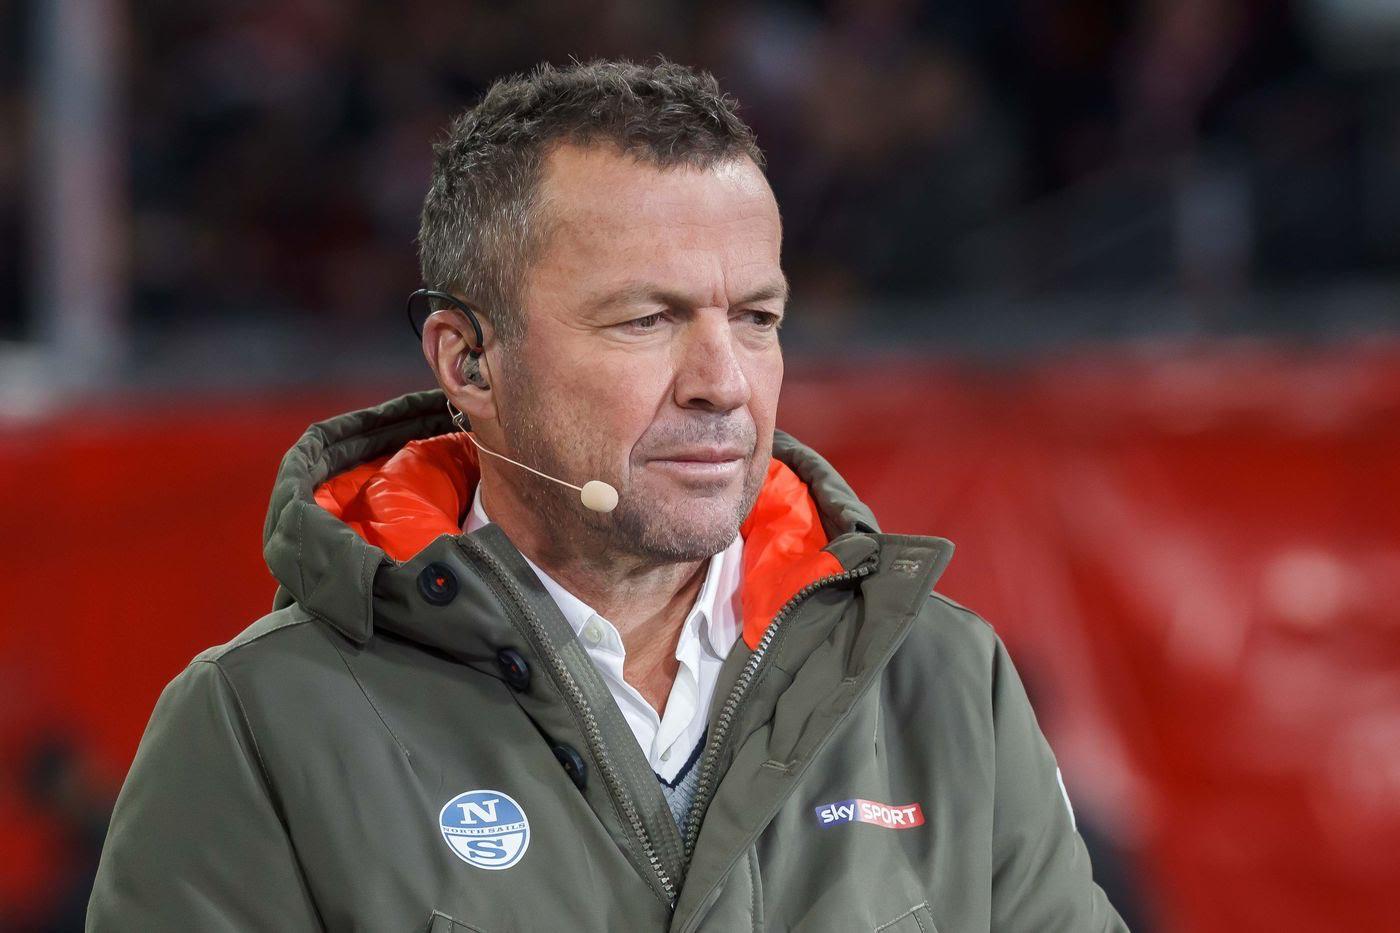 马特乌斯:拜仁会先后筛选巴萨曼城和巴黎,夺得欧冠冠军